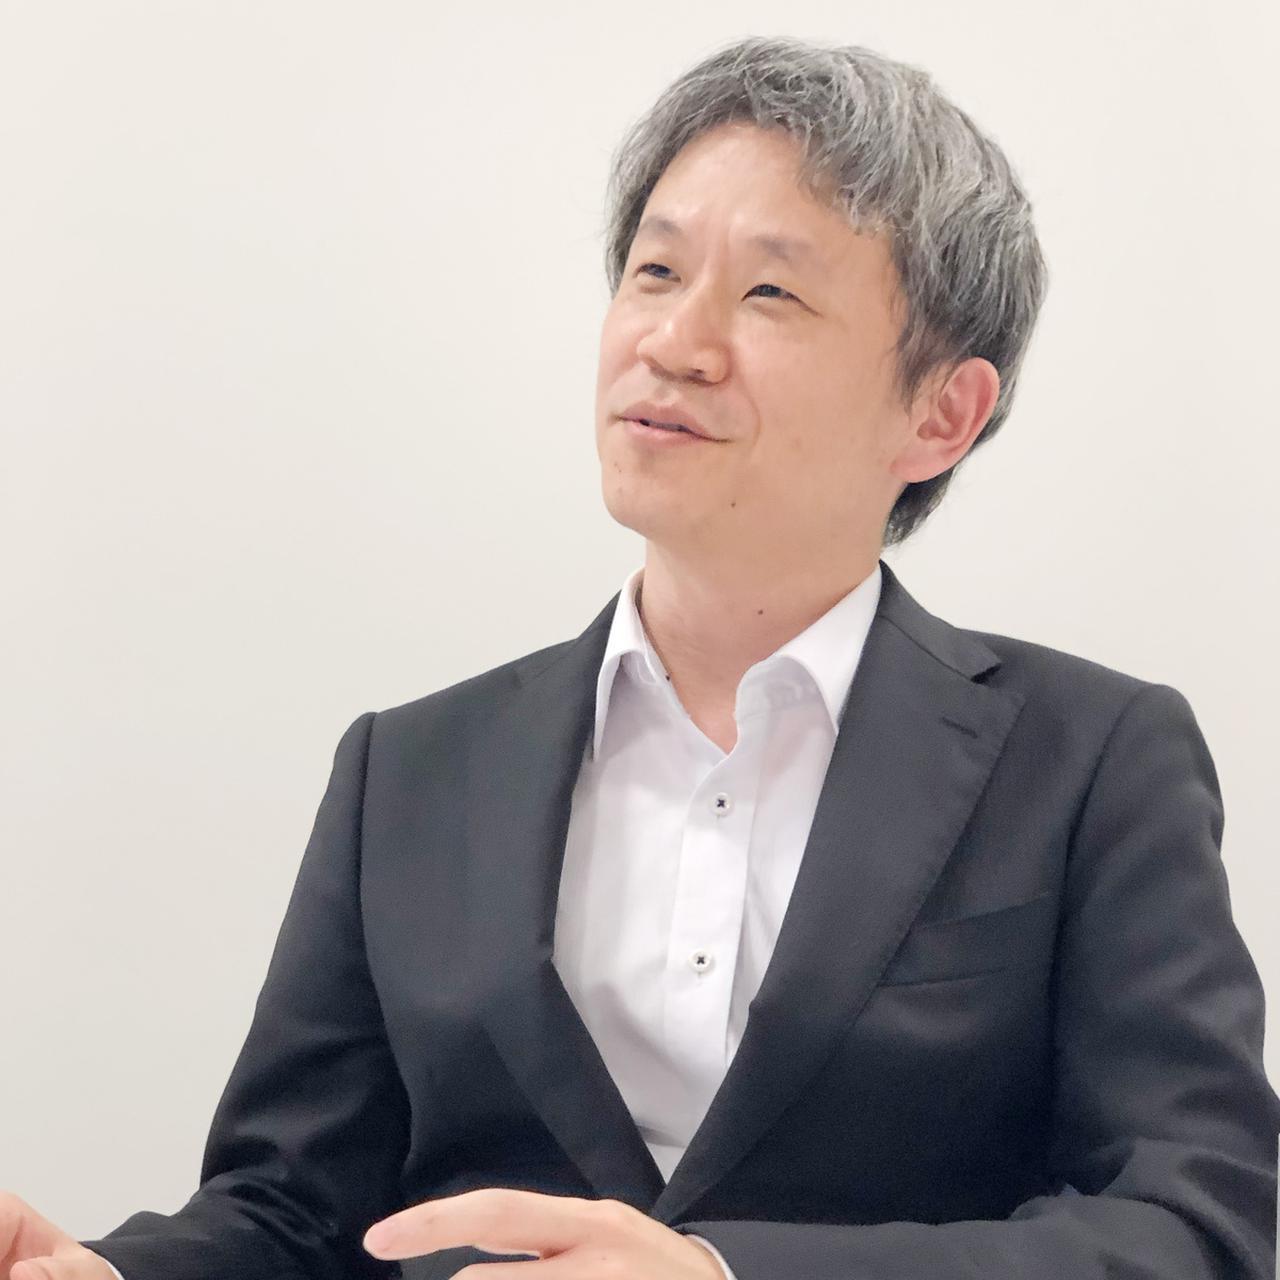 画像: 平岡 嗣晃氏 技術革新本部 技術企画部 グループマネージャー